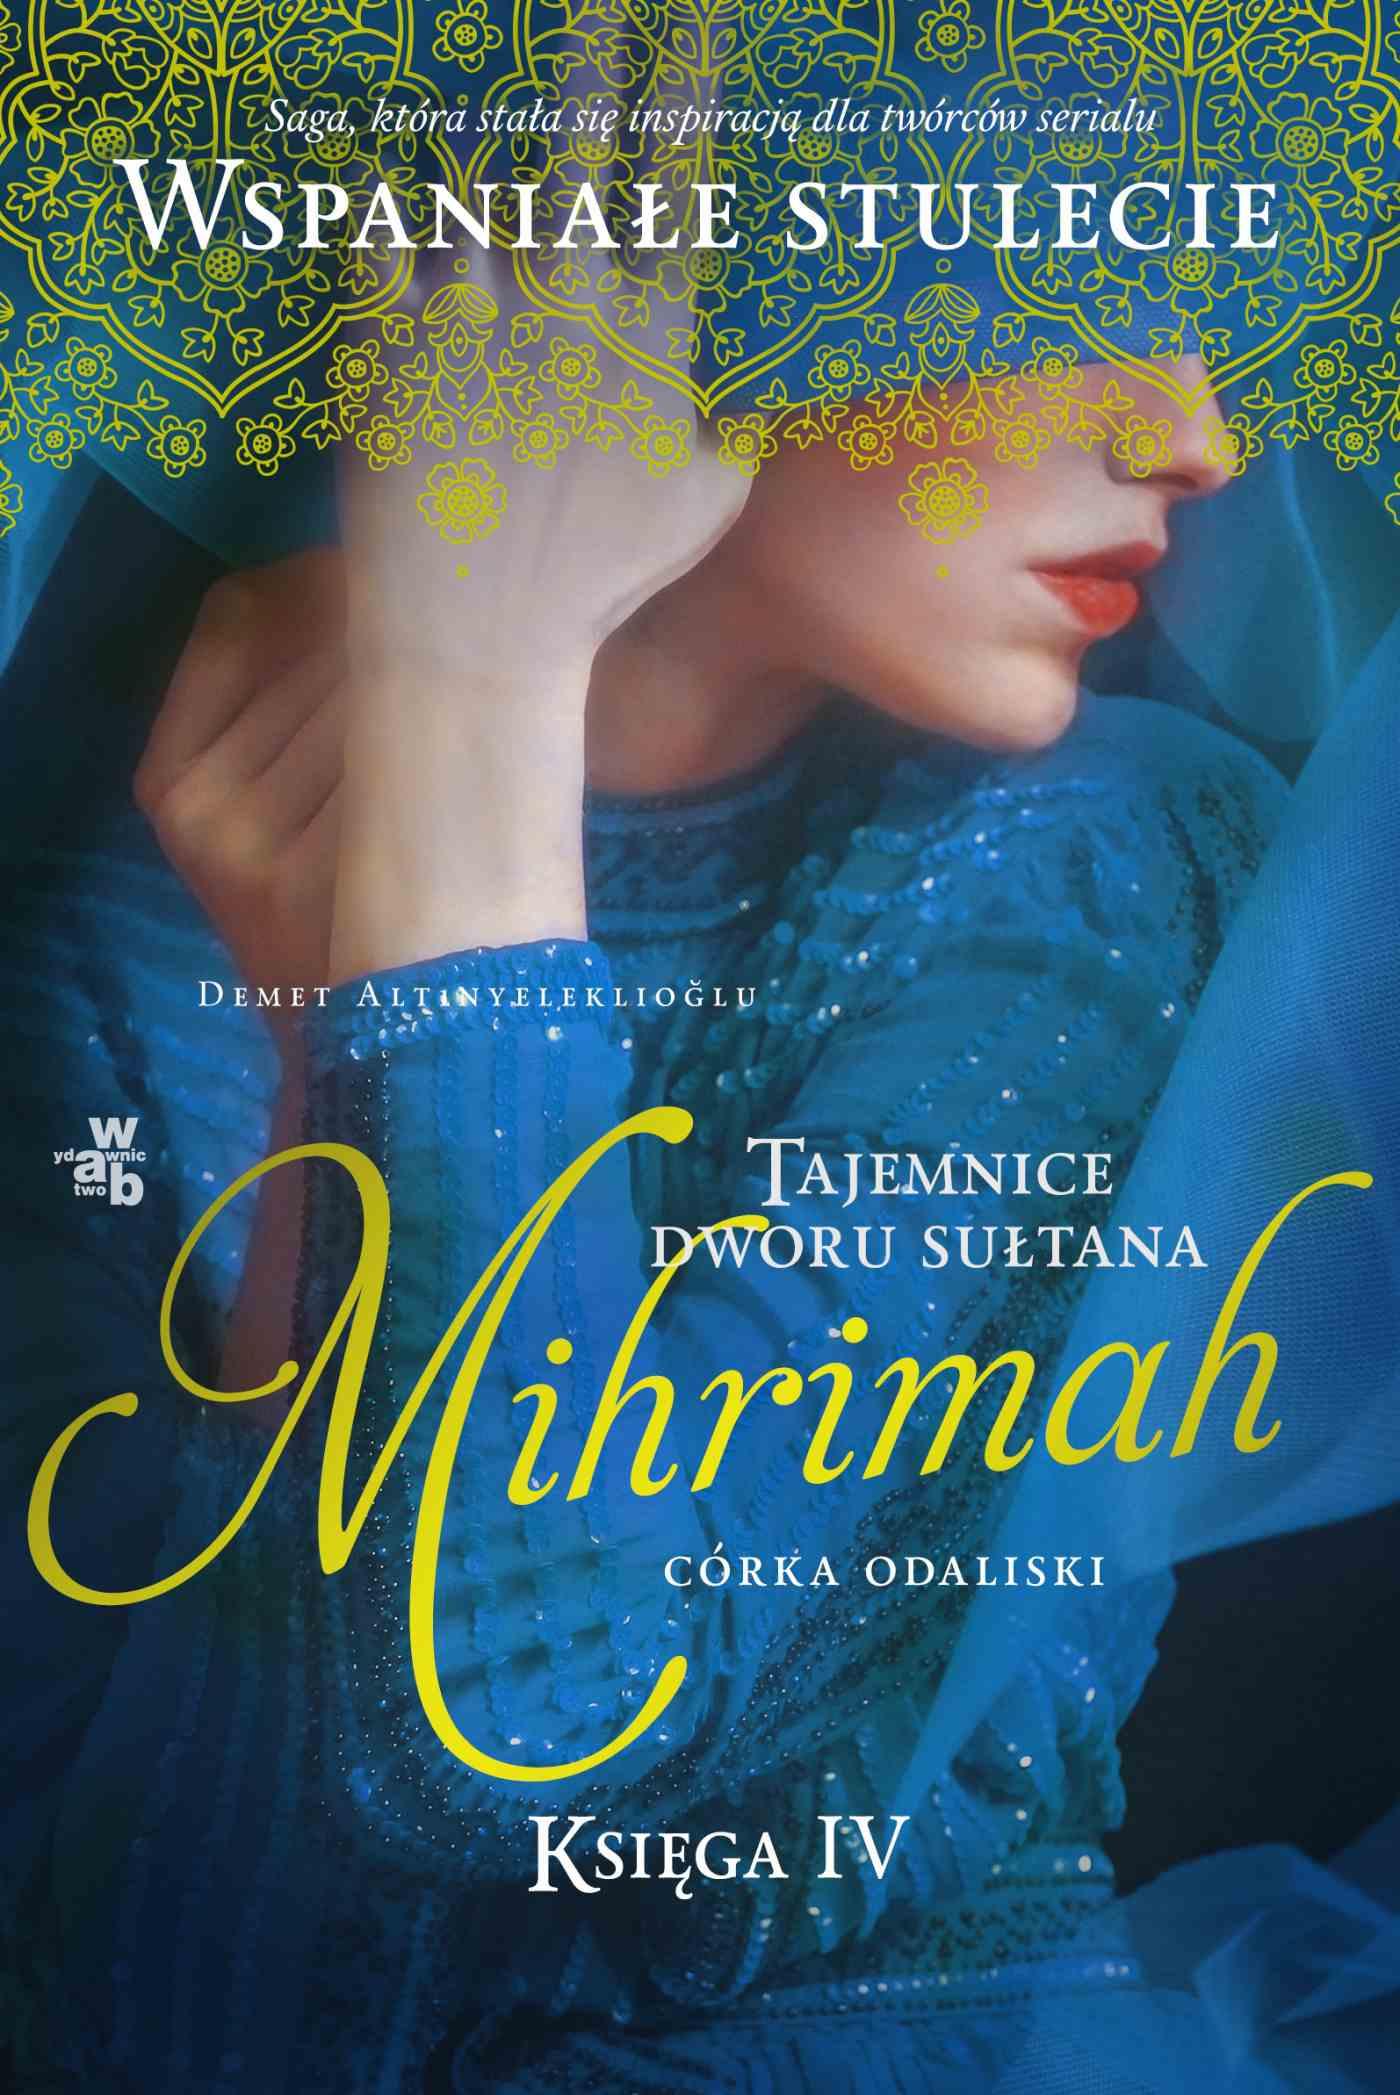 Tajemnice dworu sułtana. Mihrimah. Córka odaliski. Księga 4 - Ebook (Książka EPUB) do pobrania w formacie EPUB